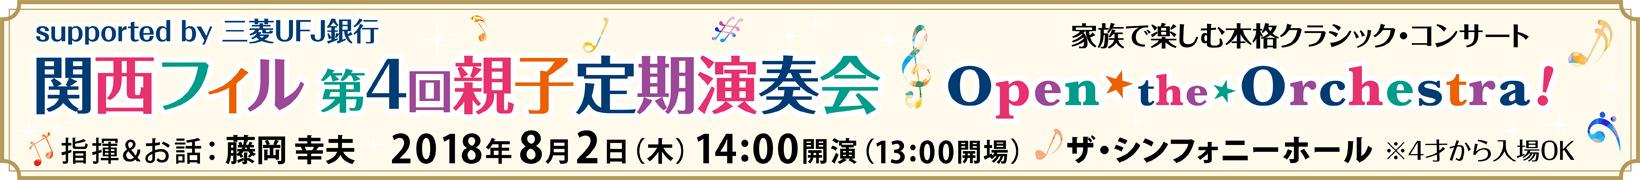 関西フィル-第4回親子定期演奏会